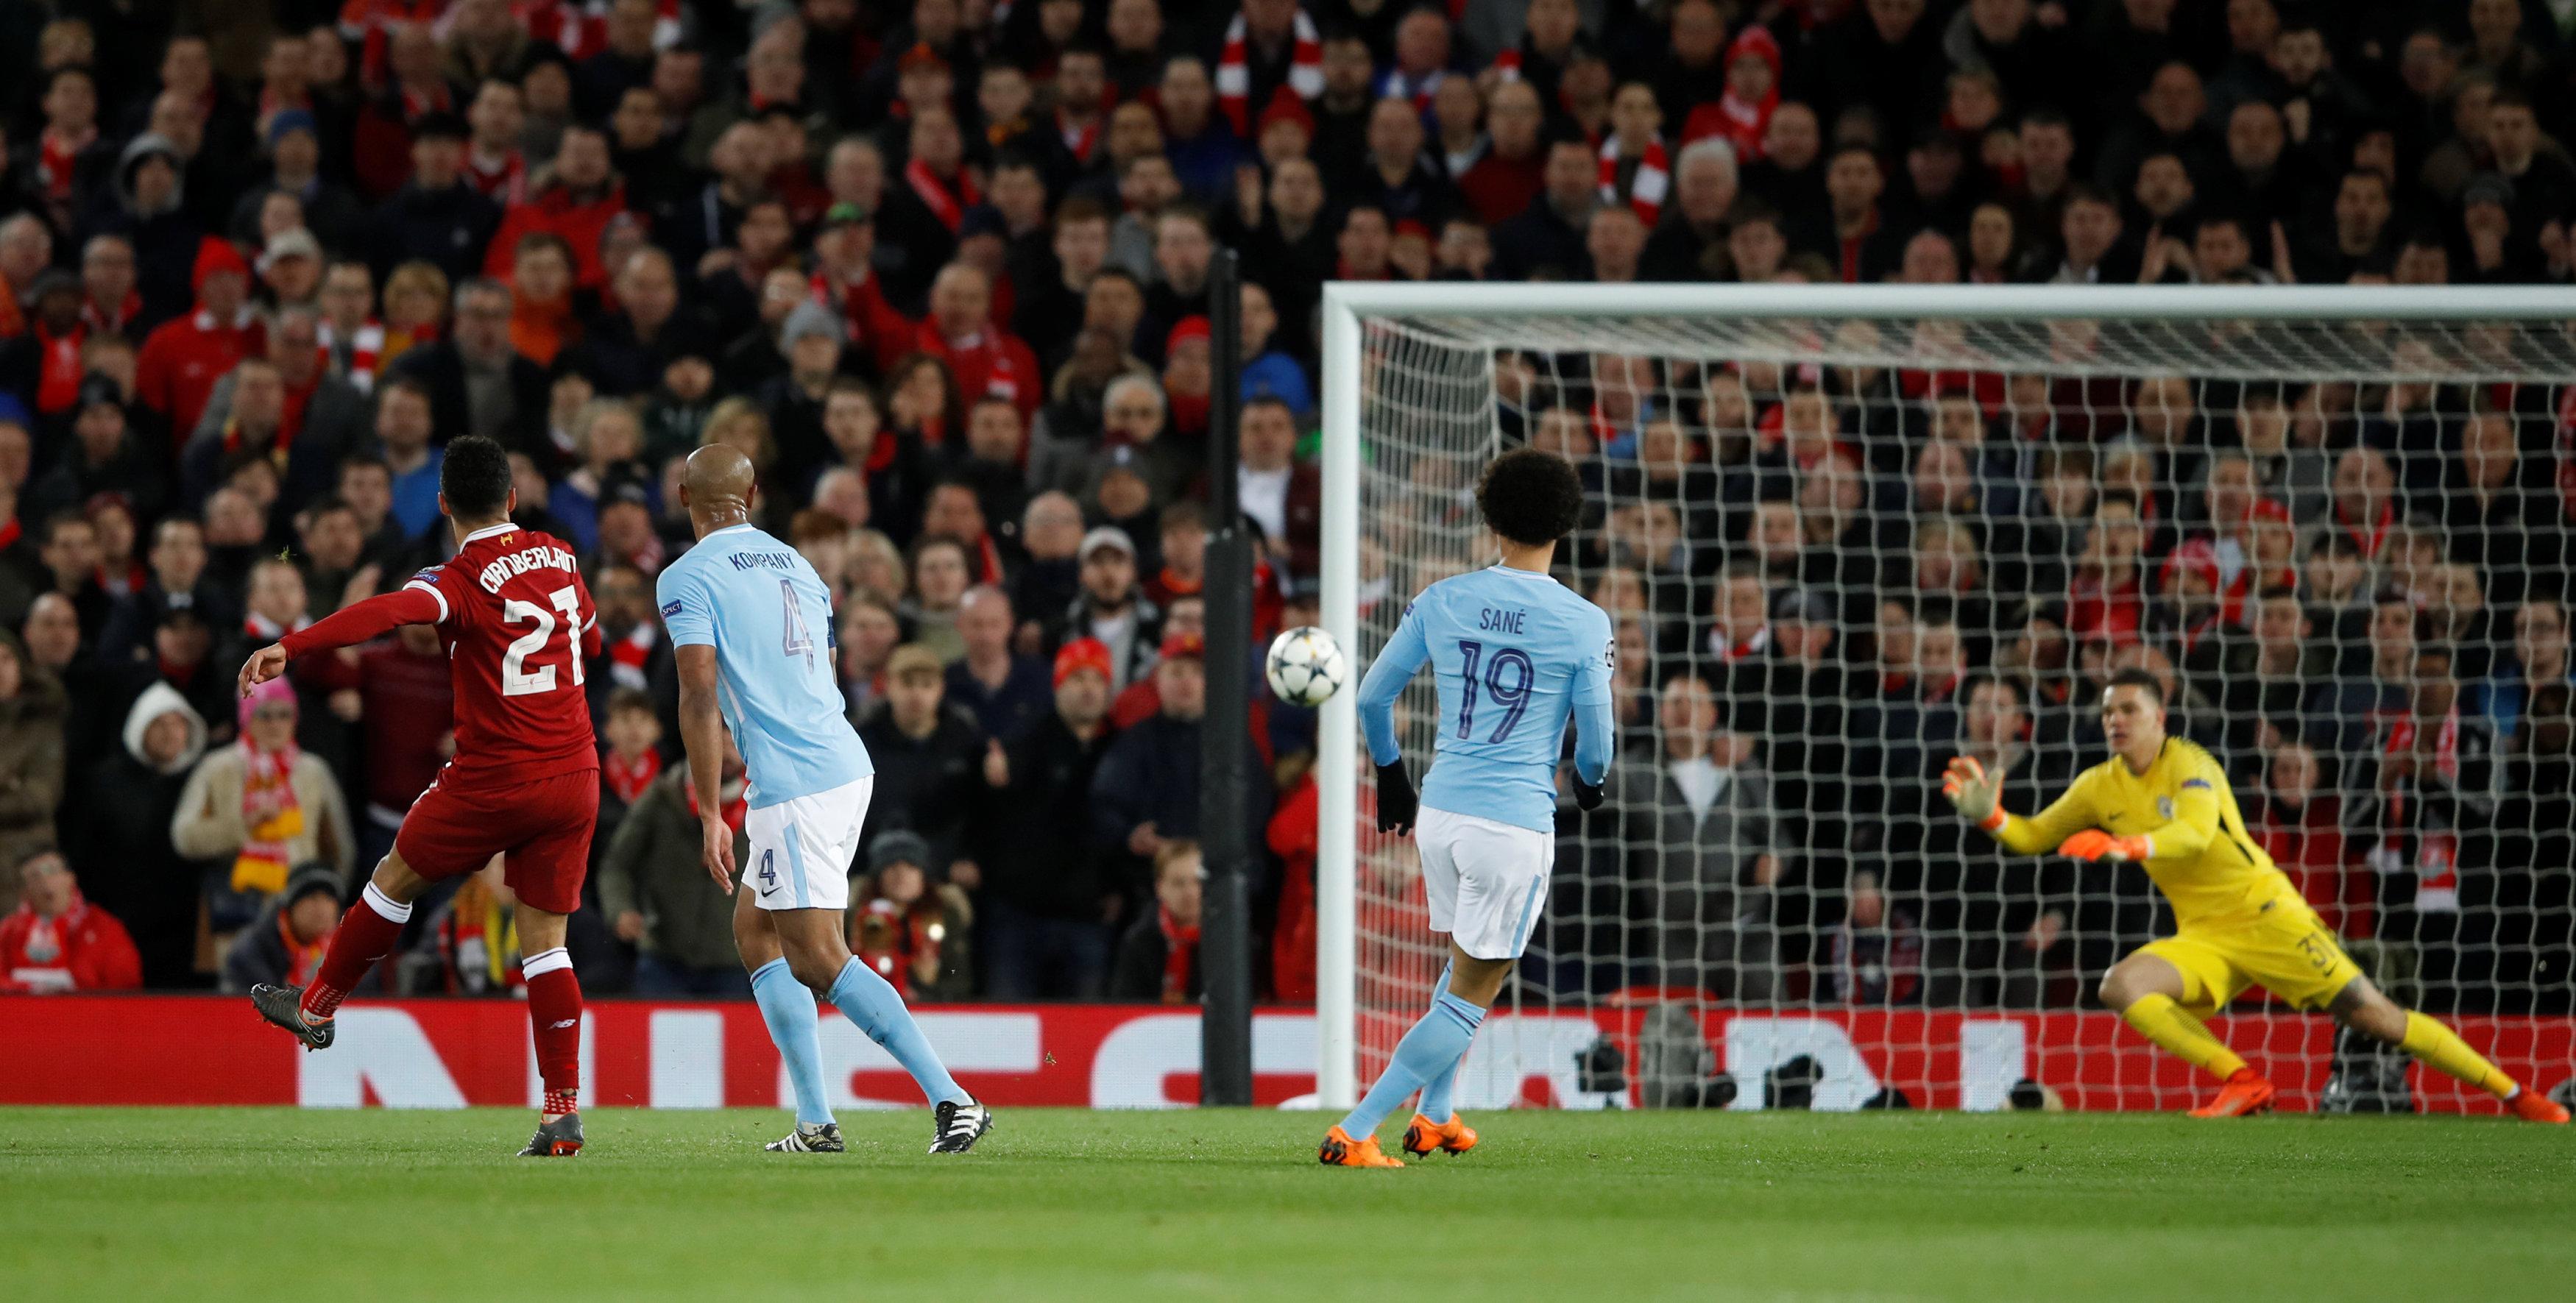 Pha dứt điểm nâng tỉ số lên 2-0 cho Liverpool của Oxlade-Chamberlain. Ảnh: REUTERS